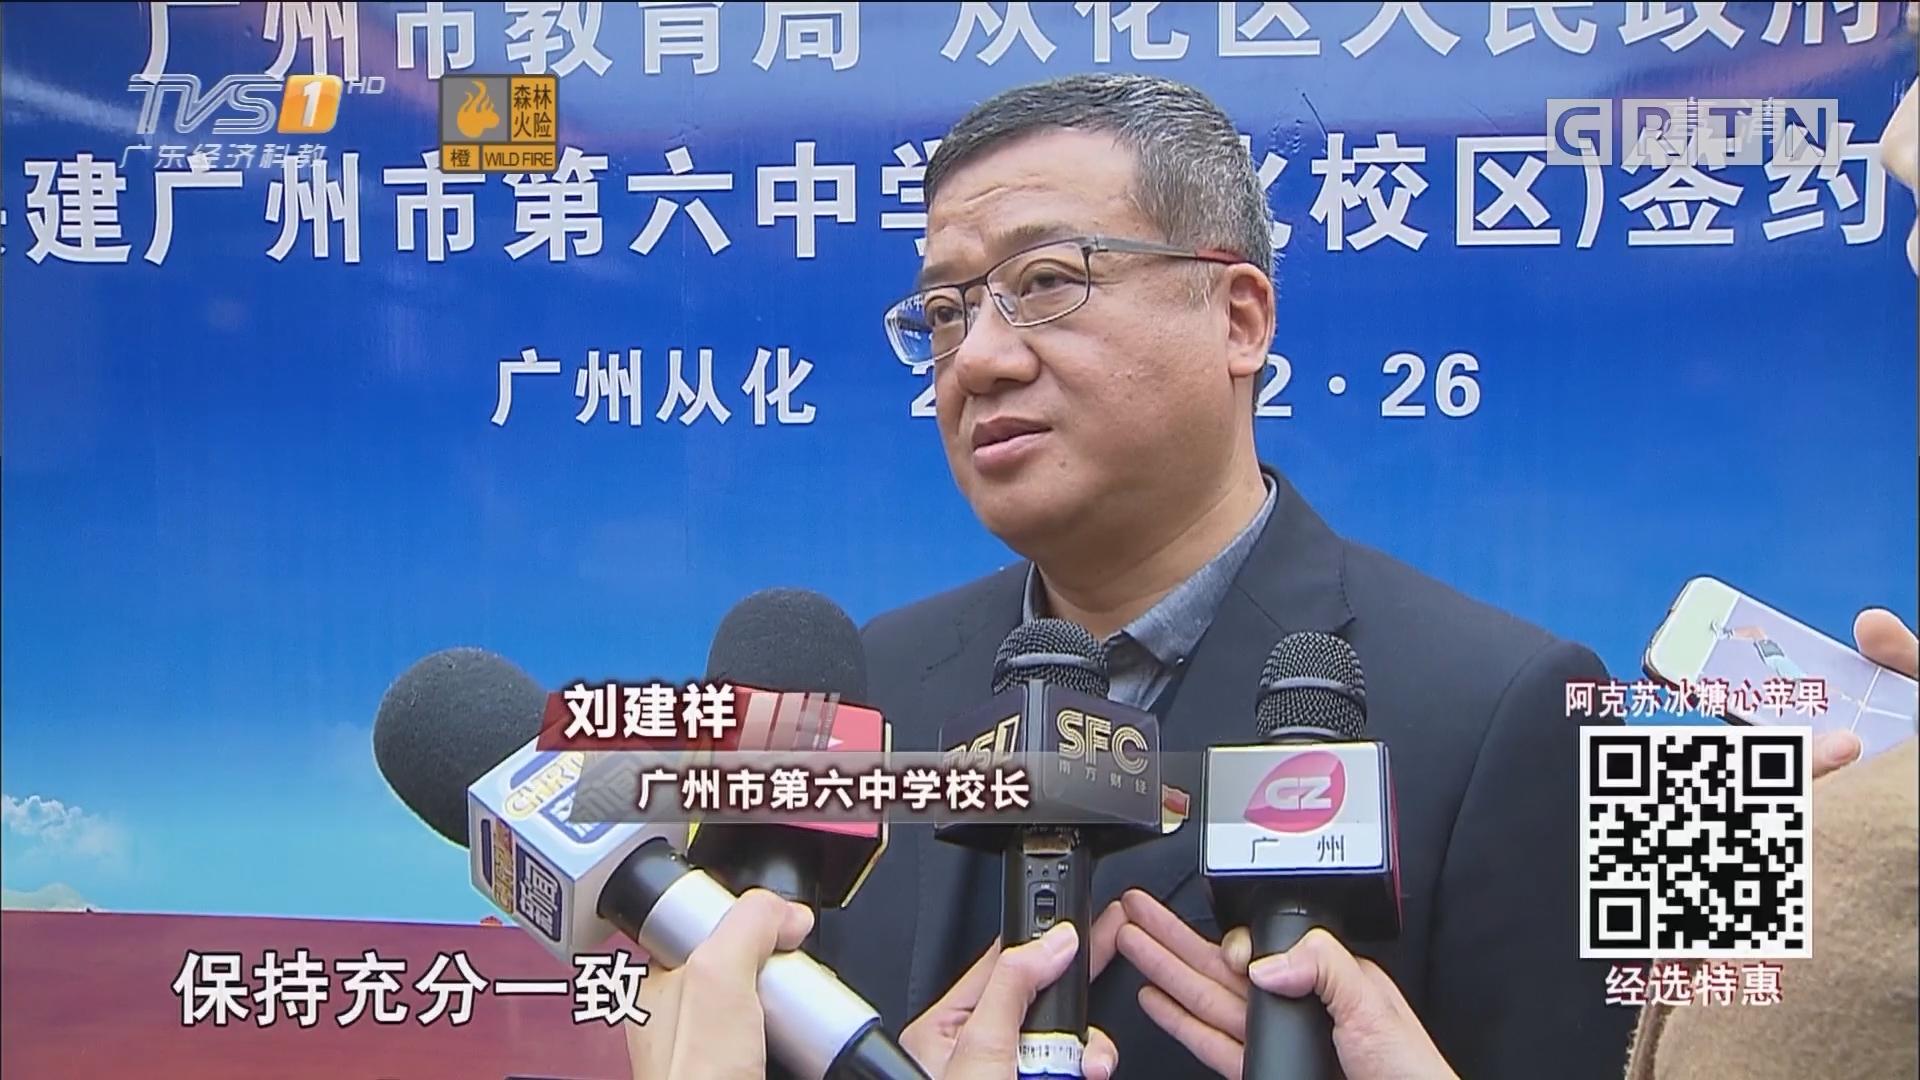 广州推进教育资源均衡发展 广州市第六中学落户从化